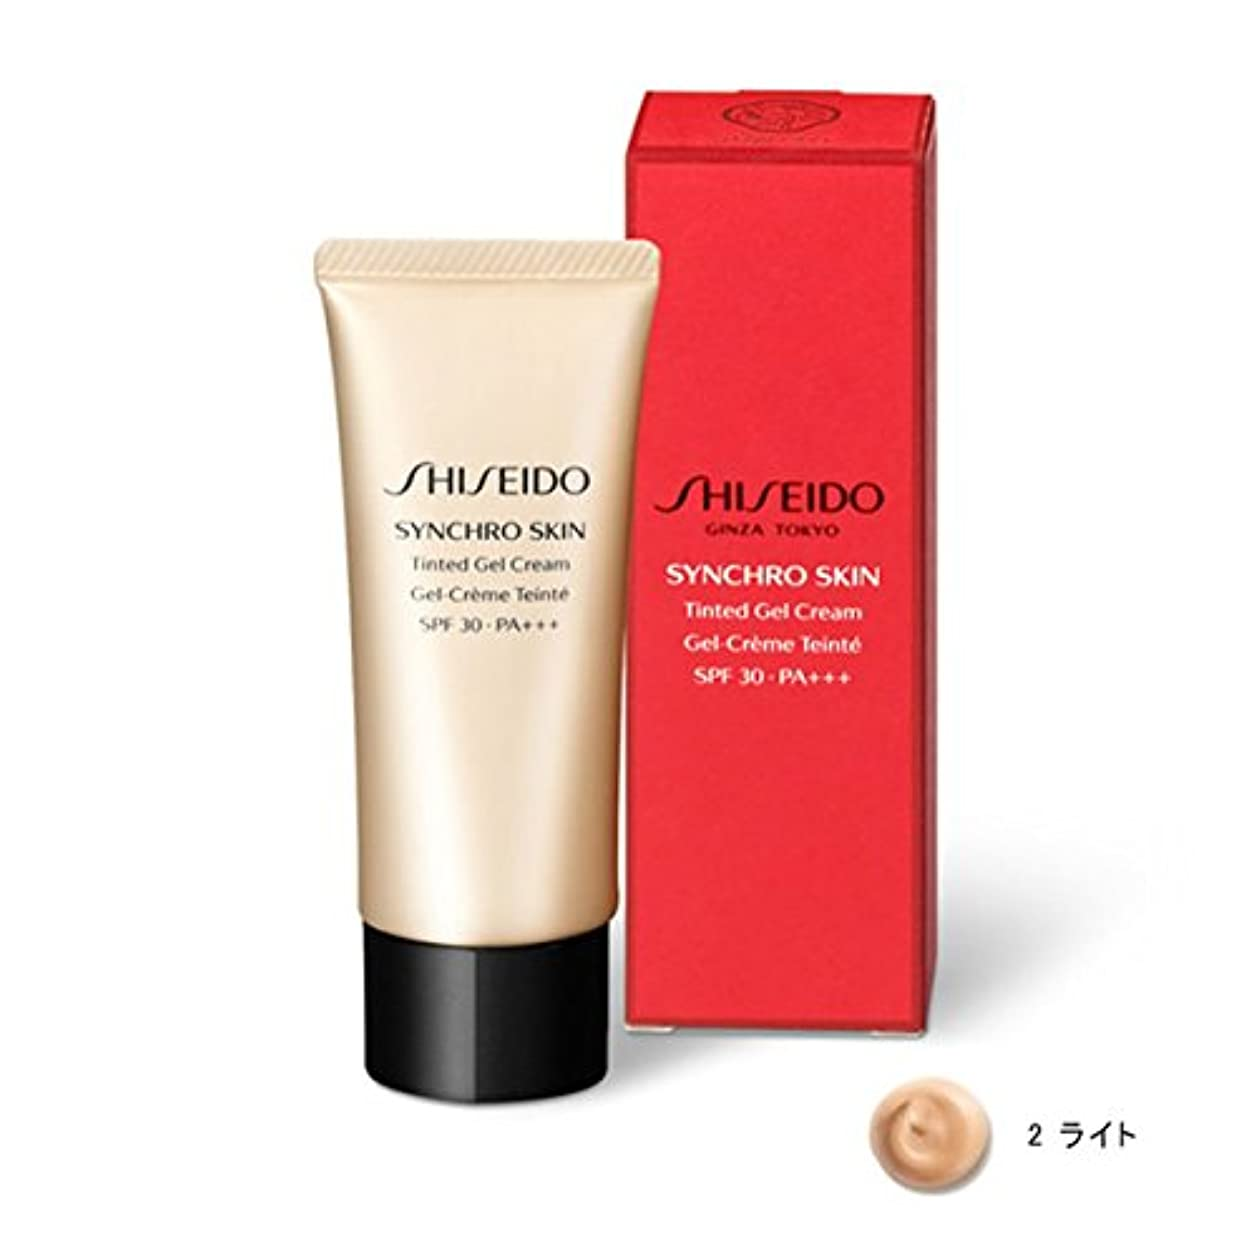 ポットバルブ興味SHISEIDO Makeup(資生堂 メーキャップ) SHISEIDO(資生堂) シンクロスキン ティンティッド ジェルクリーム (2 ライト)